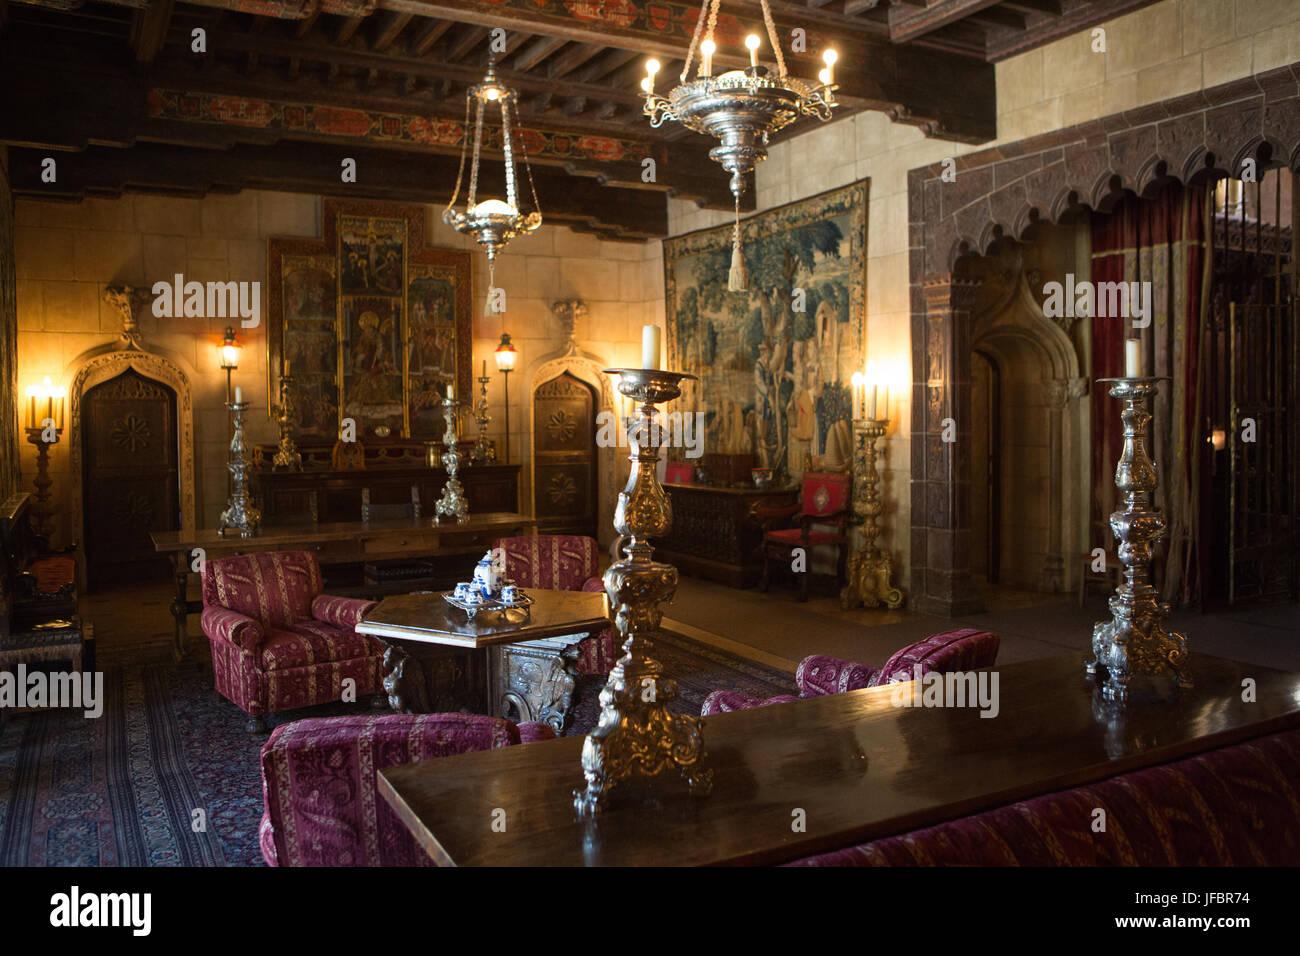 Das Hearst Castle Wohnzimmer mit Möbel, Tapisserien, Kunstwerke, verzierte Kerzen und Lampen eingerichtet. Stockbild